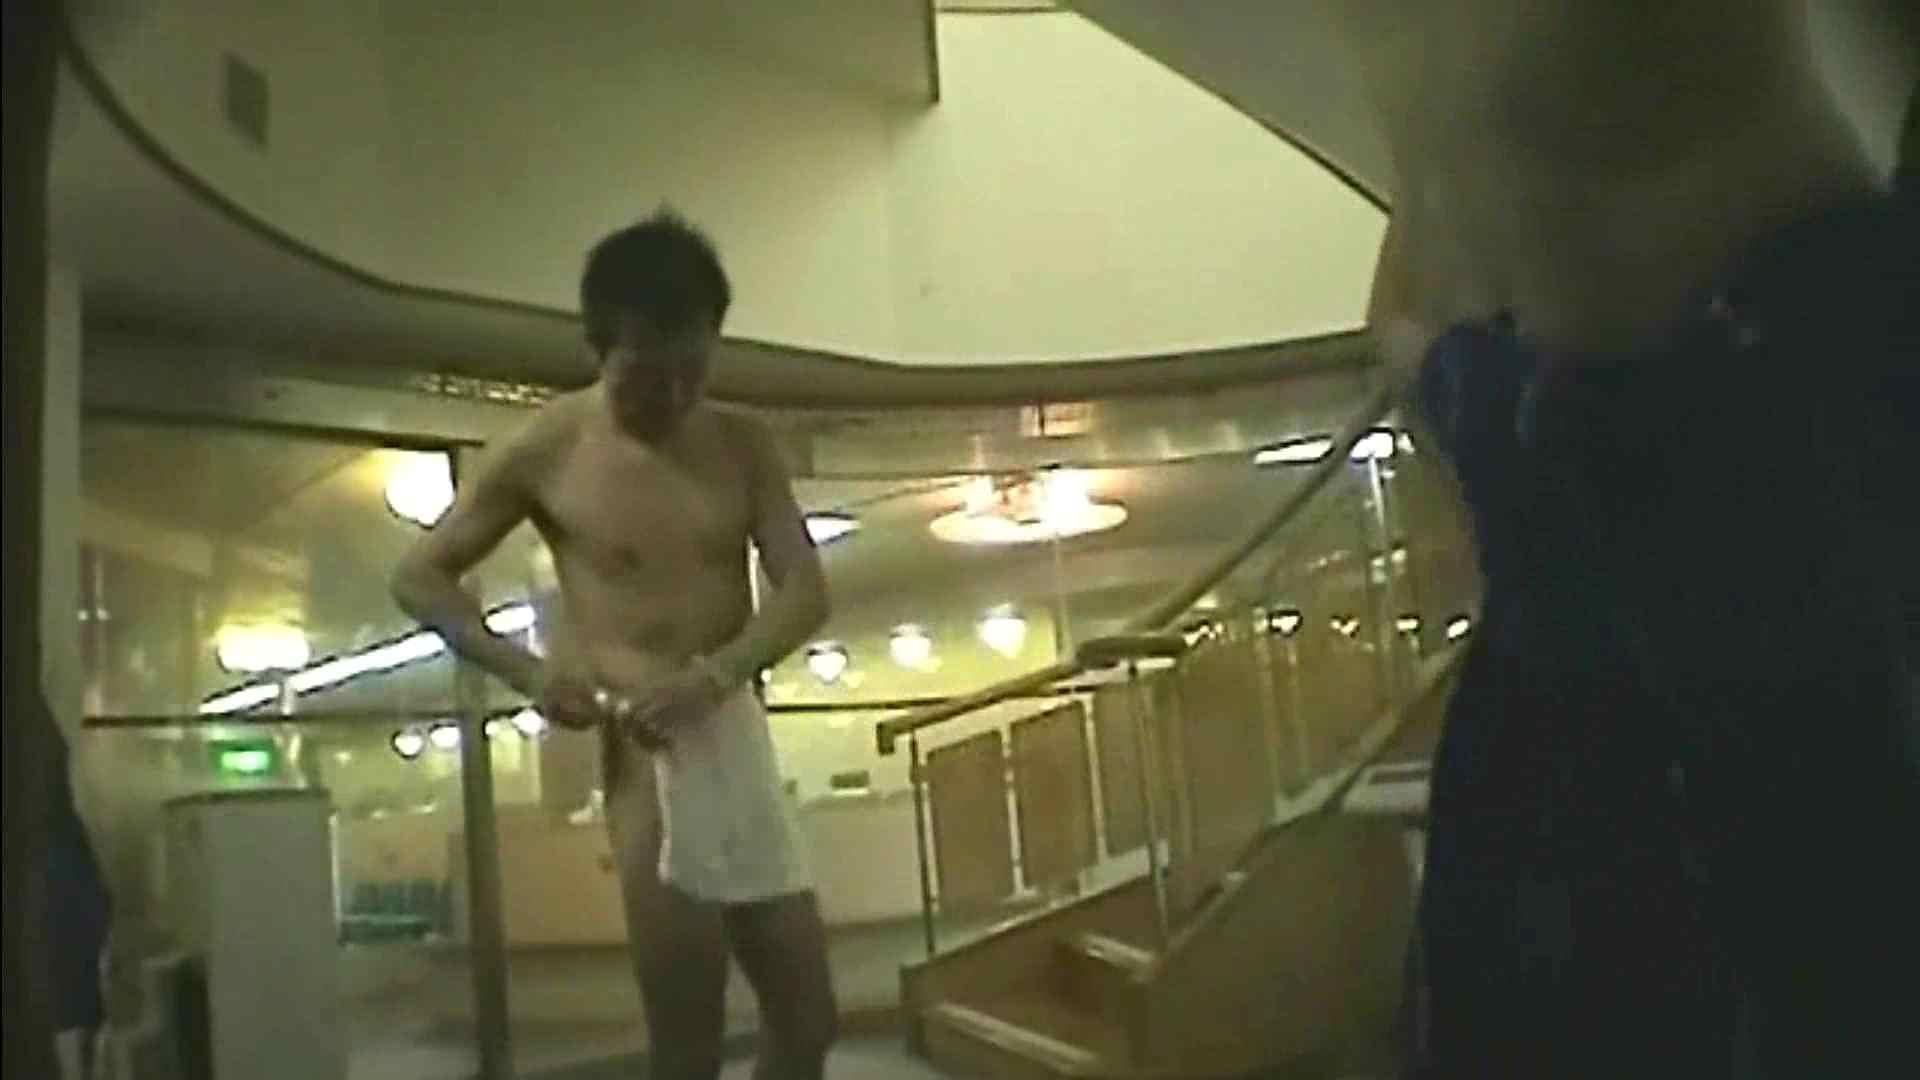 男風呂覗かせていただきます。Vol.02 スリム美少年系ジャニ系 Guyエロ画像 10画像 8